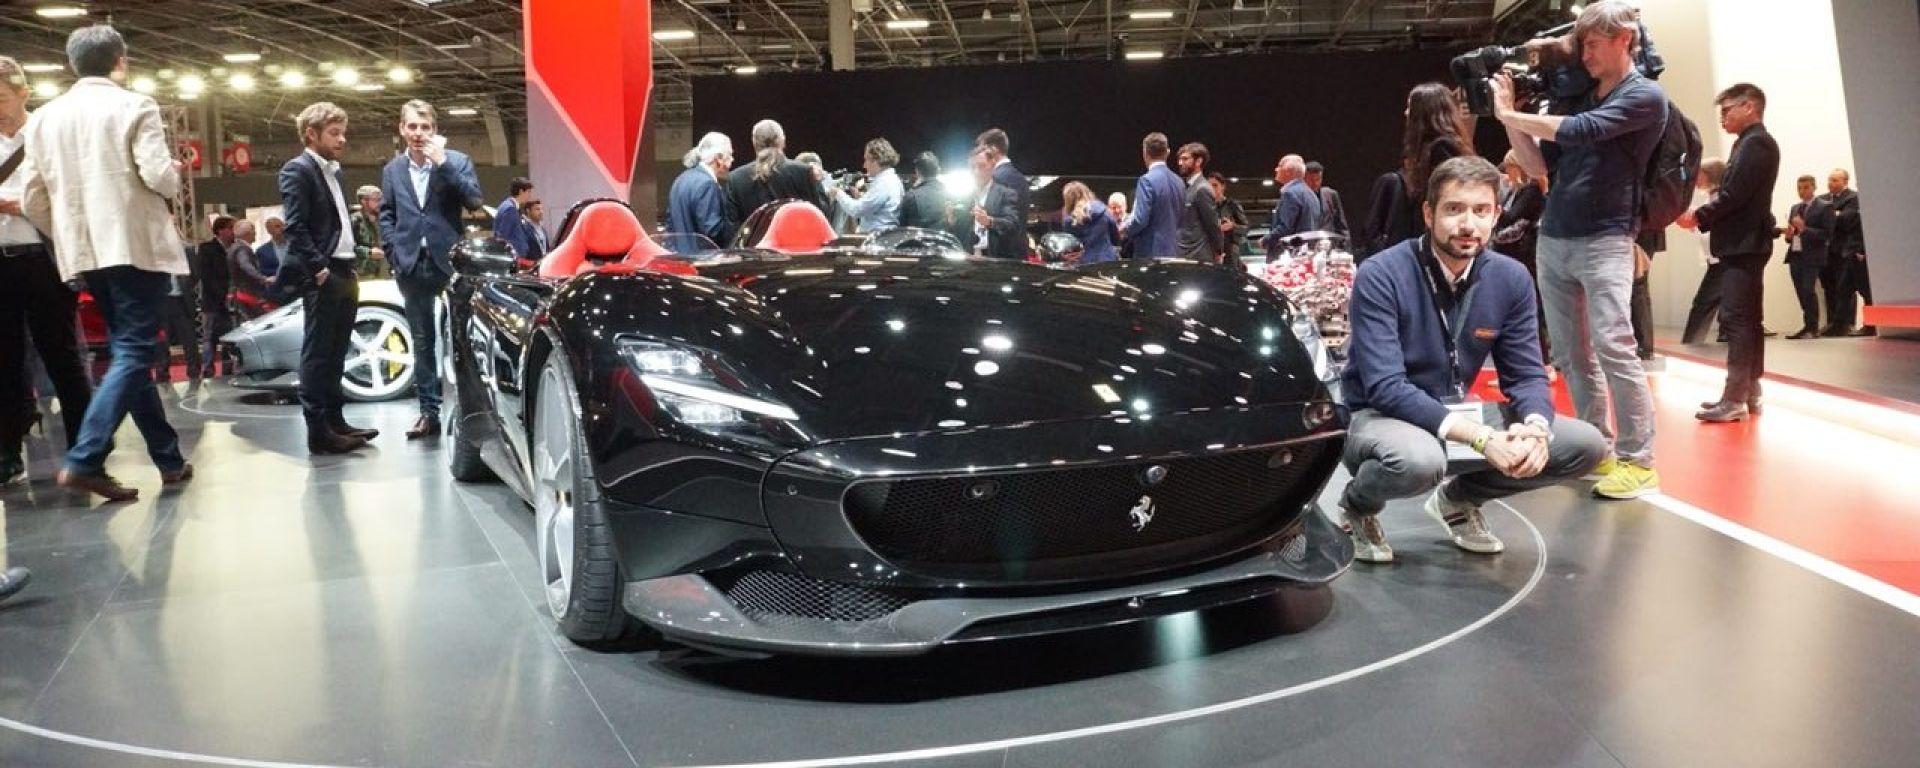 Ferrari Monza SP1 e SP2: in video dal Salone di Parigi 2018